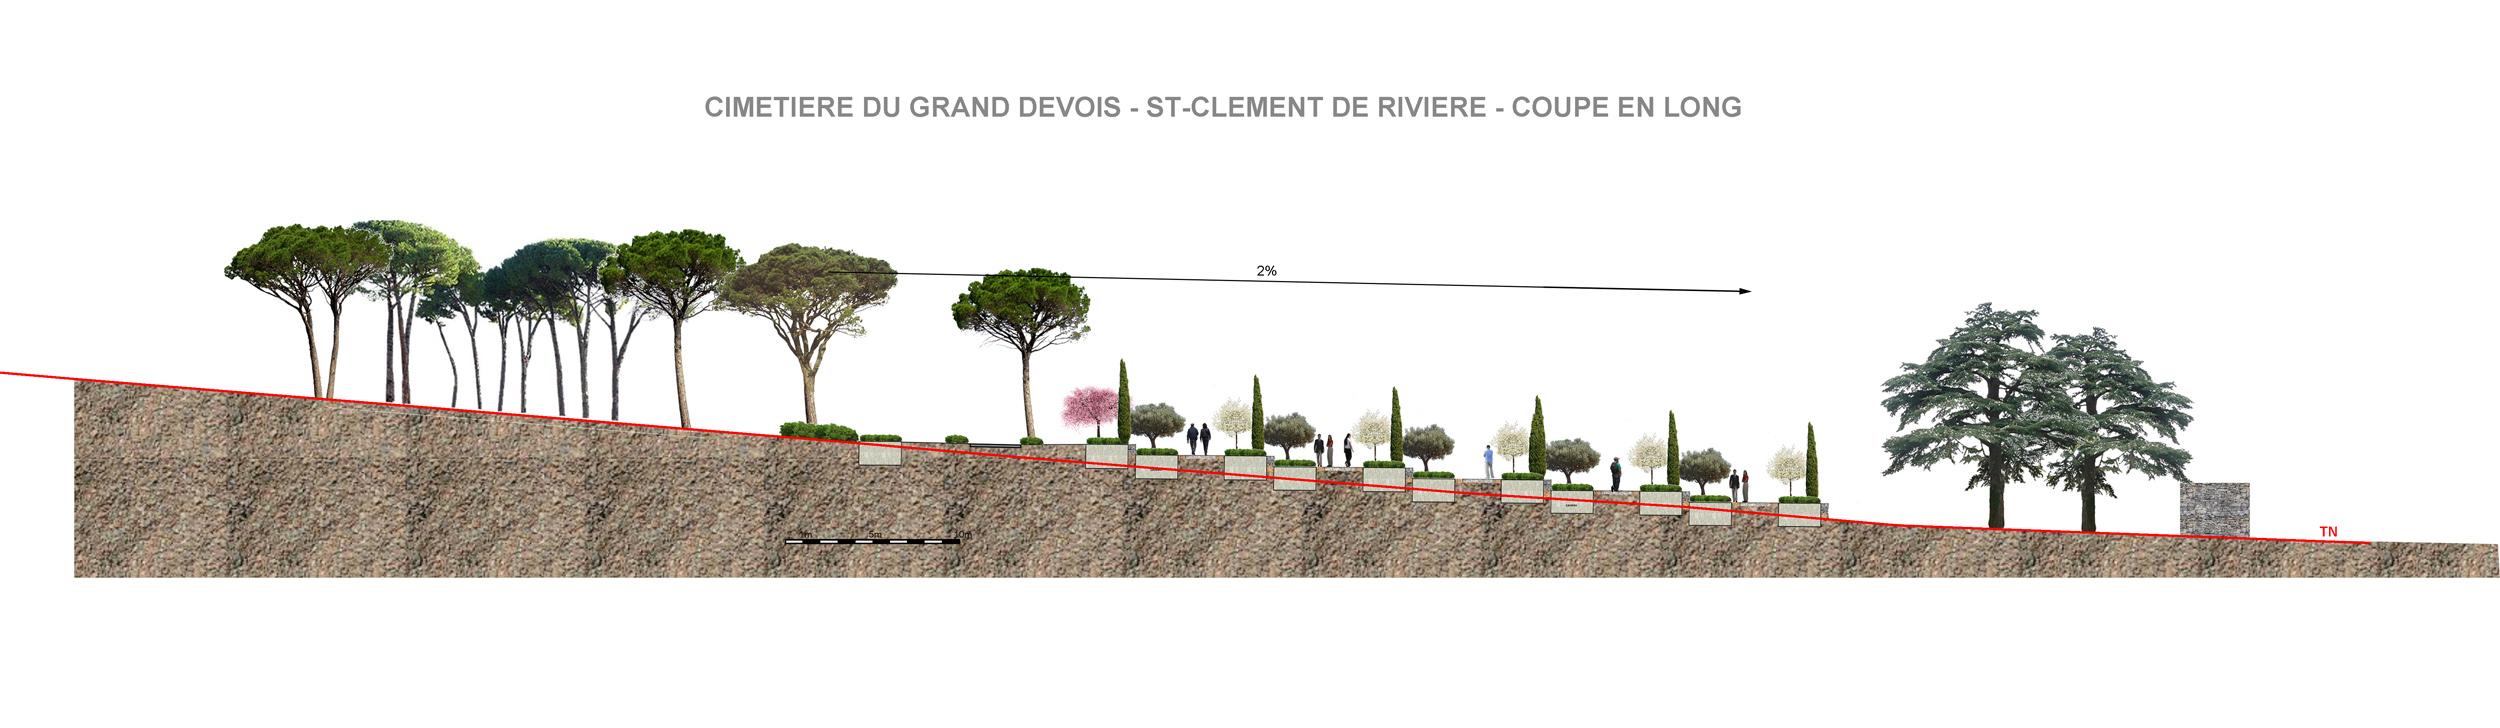 coupe totale site St Clément